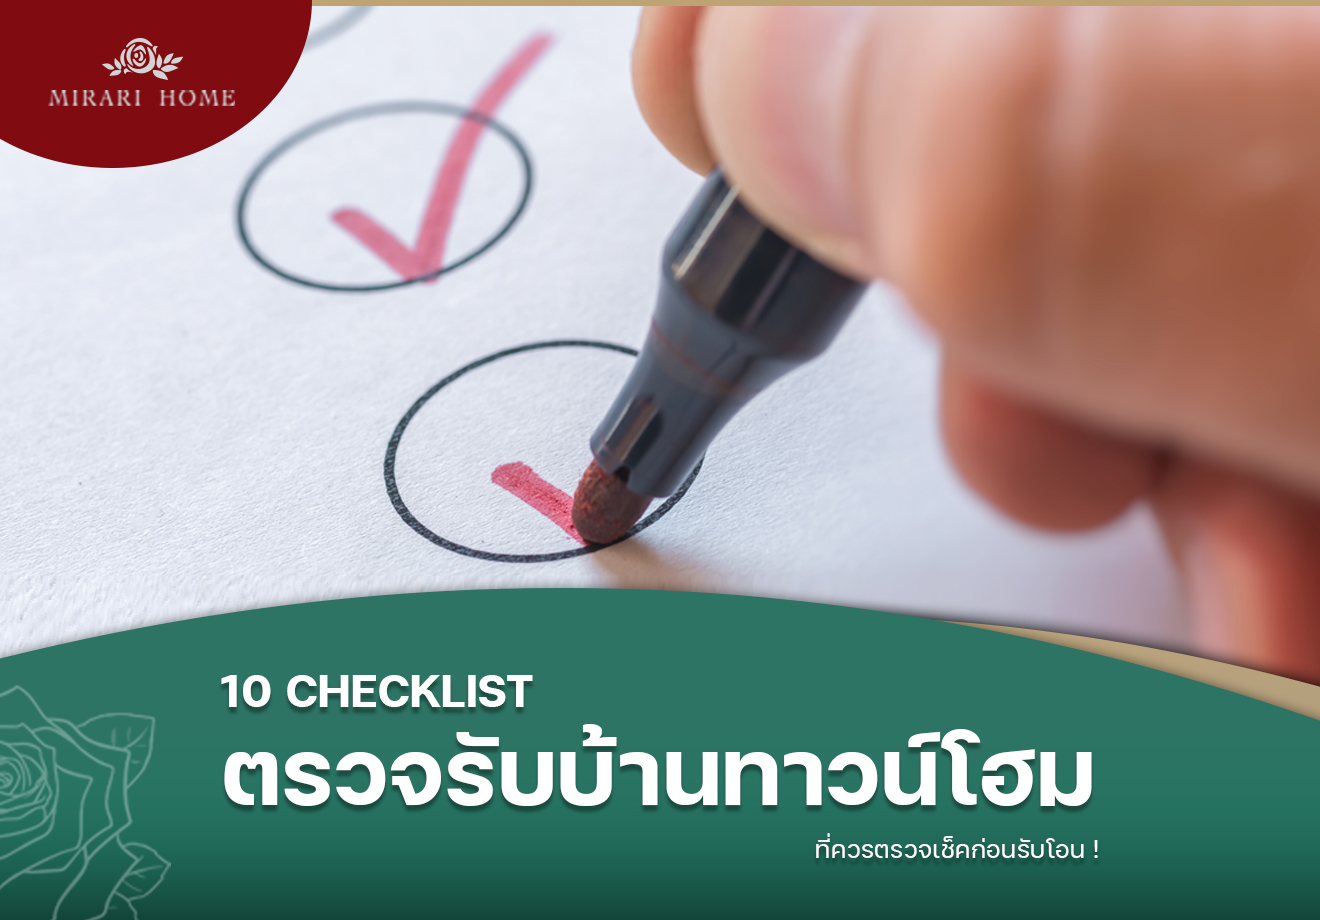 10 รายการ Checklist ตรวจรับบ้านทาวน์โฮม ที่ควรตรวจเช็คก่อนที่จะรับโอน!